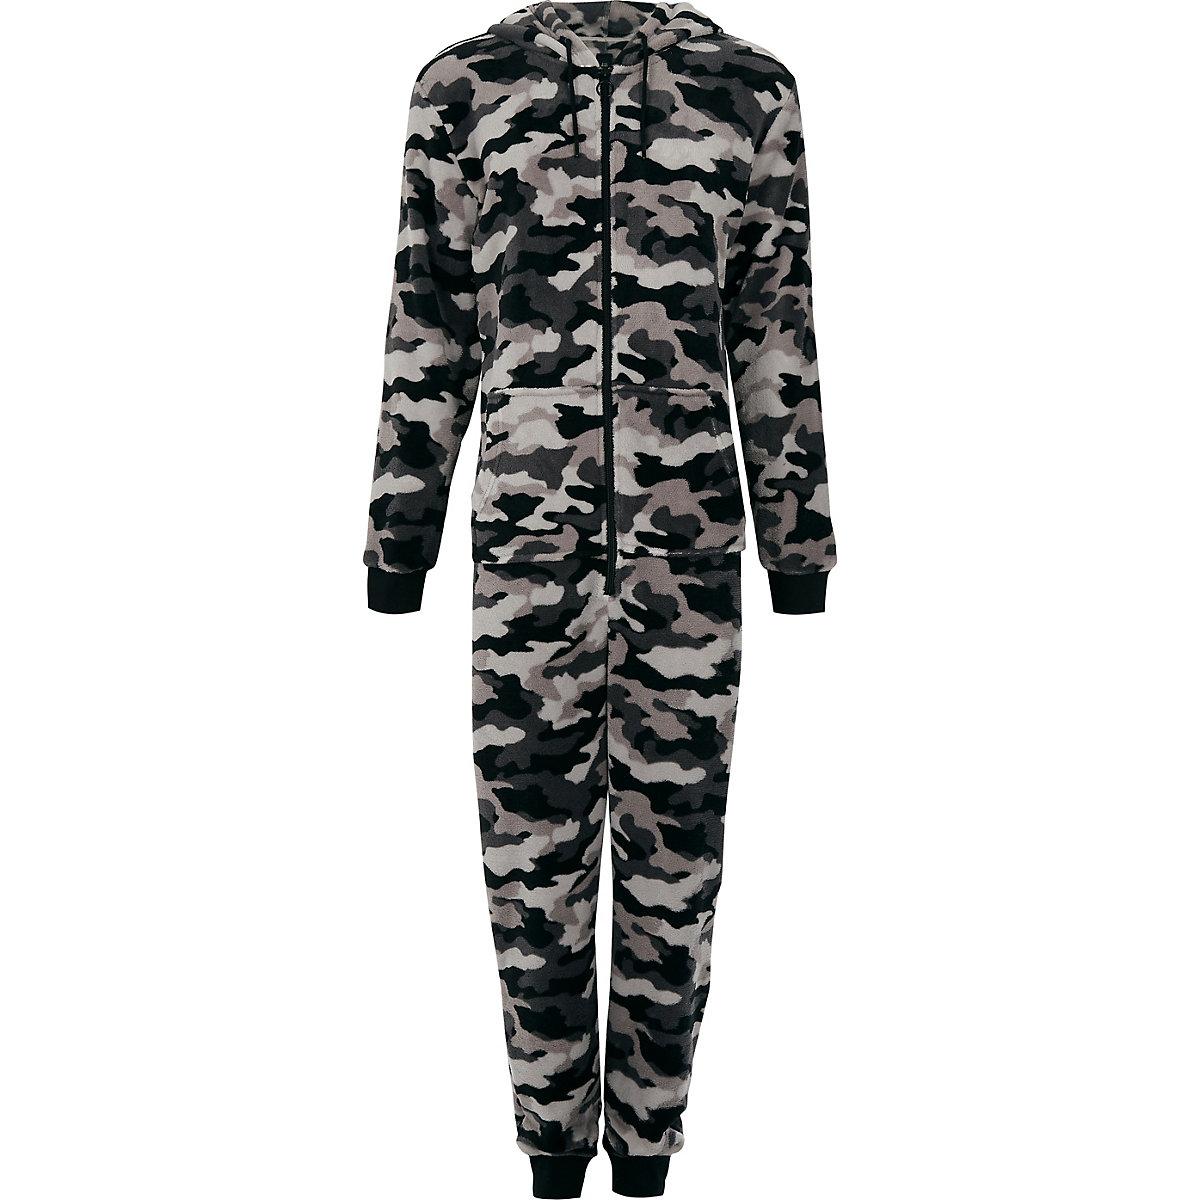 Grey fleece camo print hooded onesie